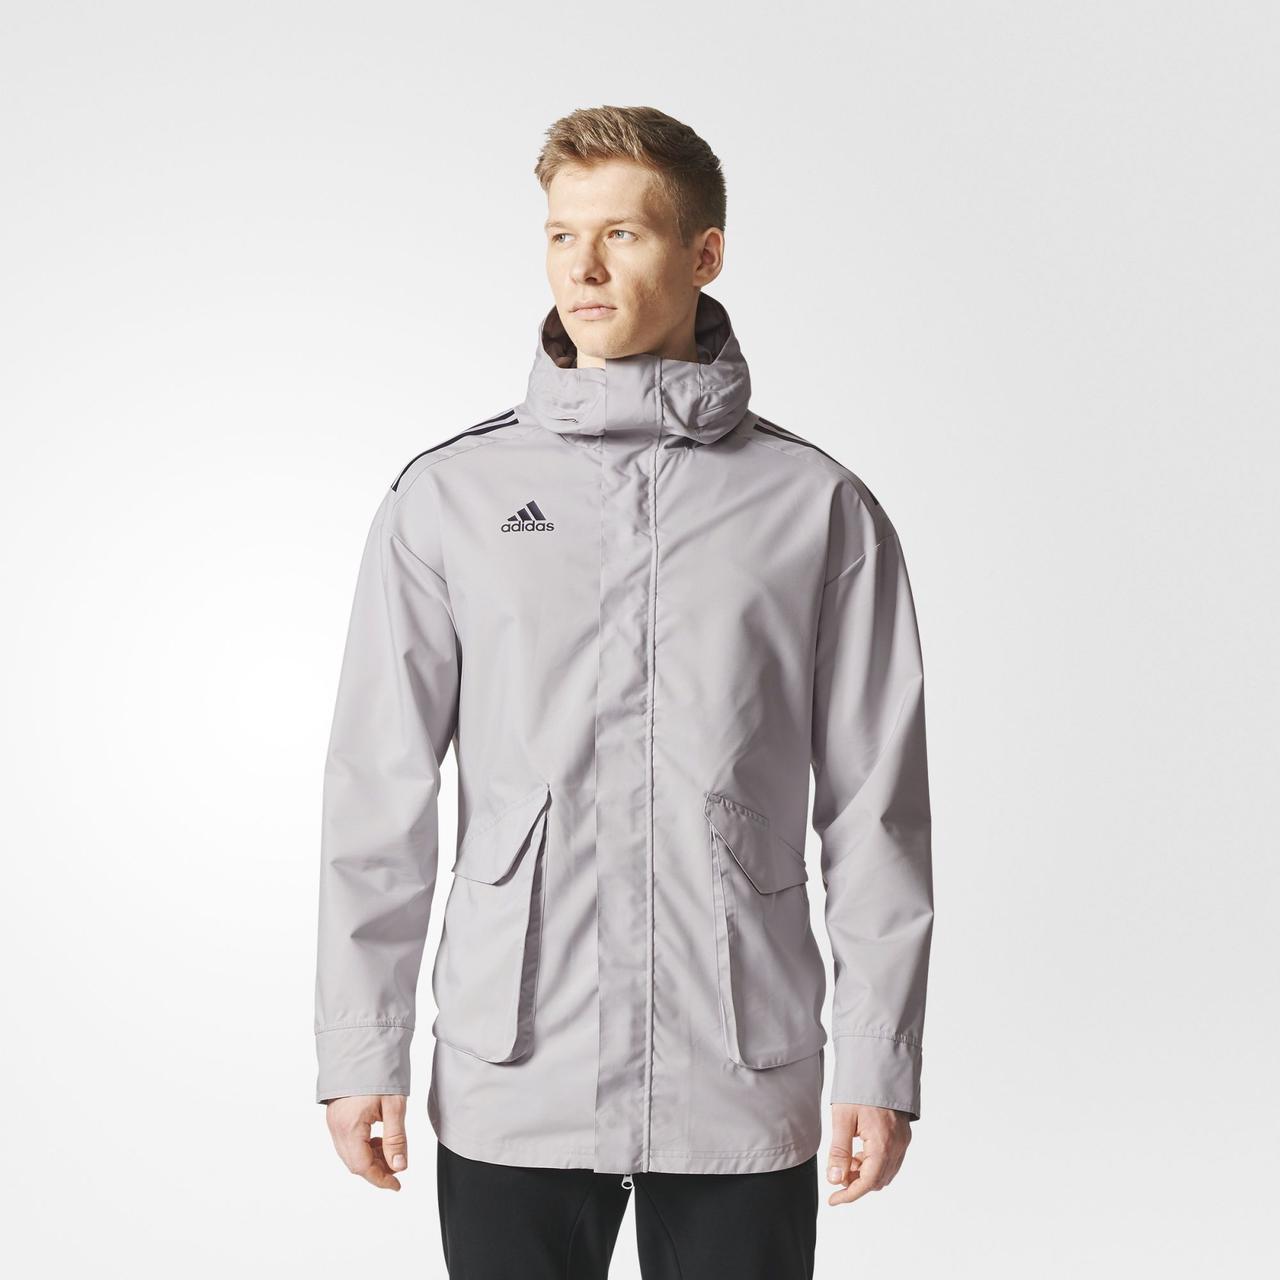 Мужская куртка Adidas Performance Future All - Weather (Артикул: BQ6858)